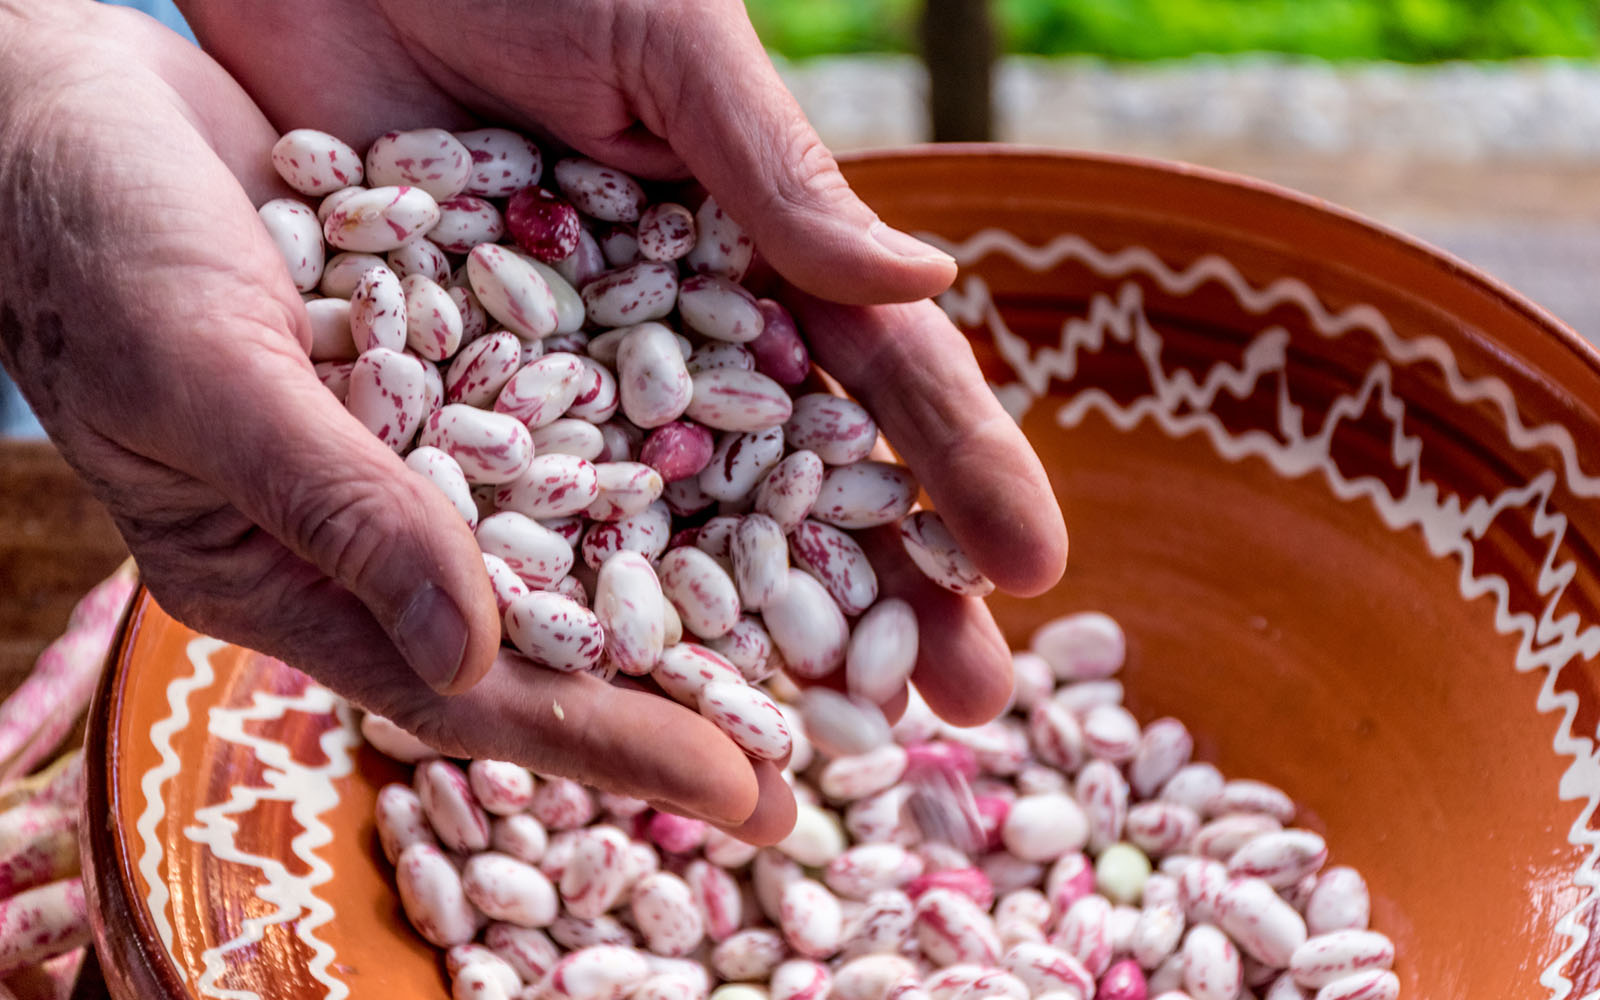 l'insalata-di-fagioli-alla-romana,-una-ricetta-autentica